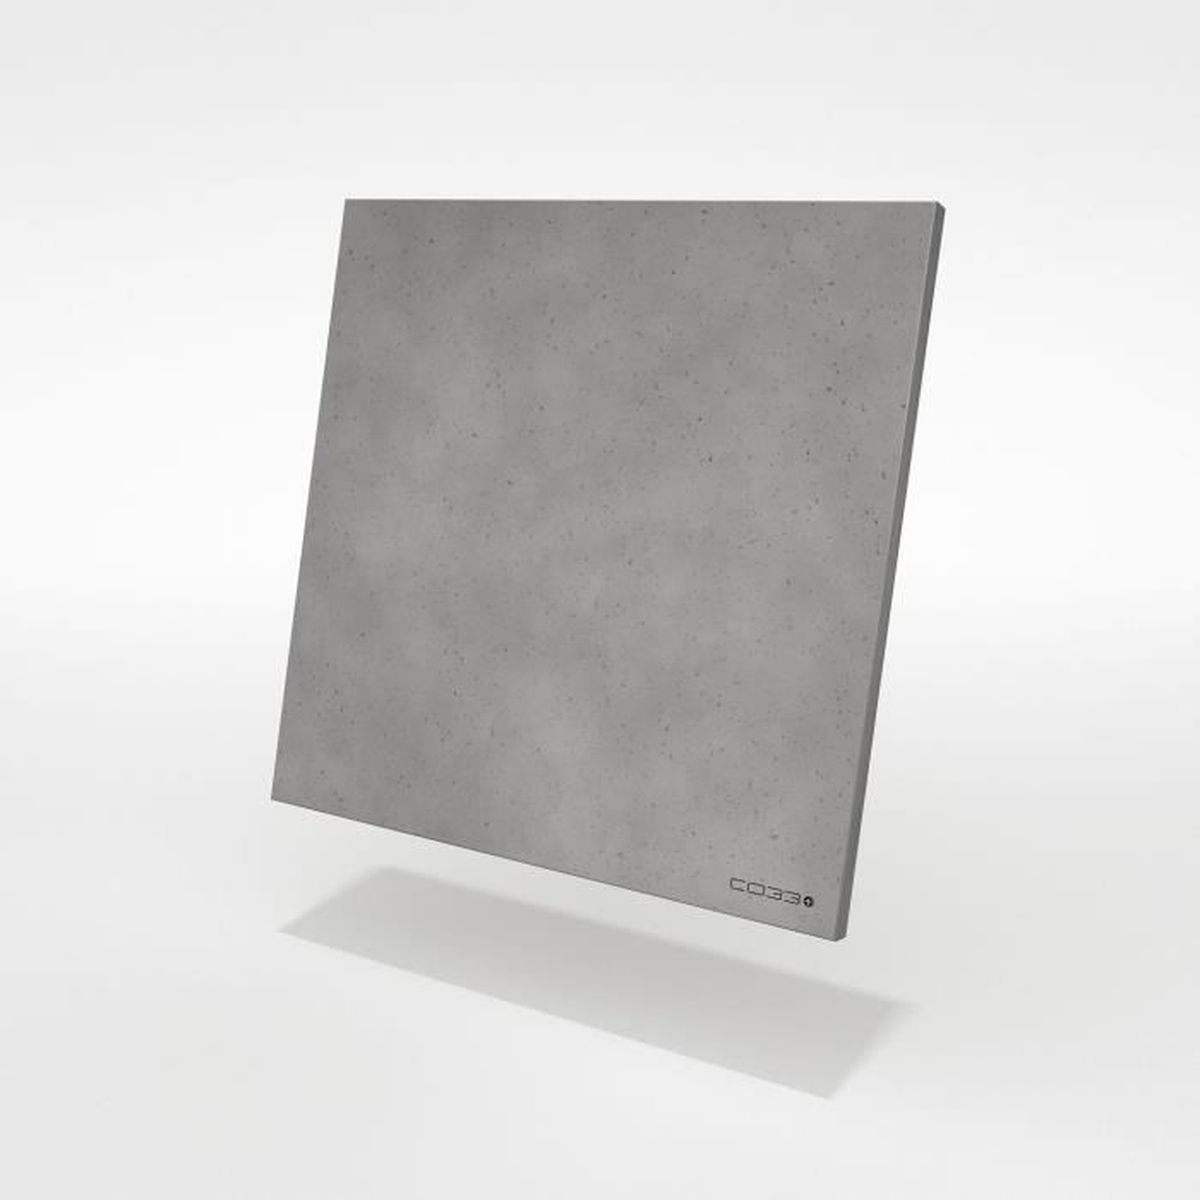 cadre en b ton achat vente objet d coration murale cdiscount. Black Bedroom Furniture Sets. Home Design Ideas